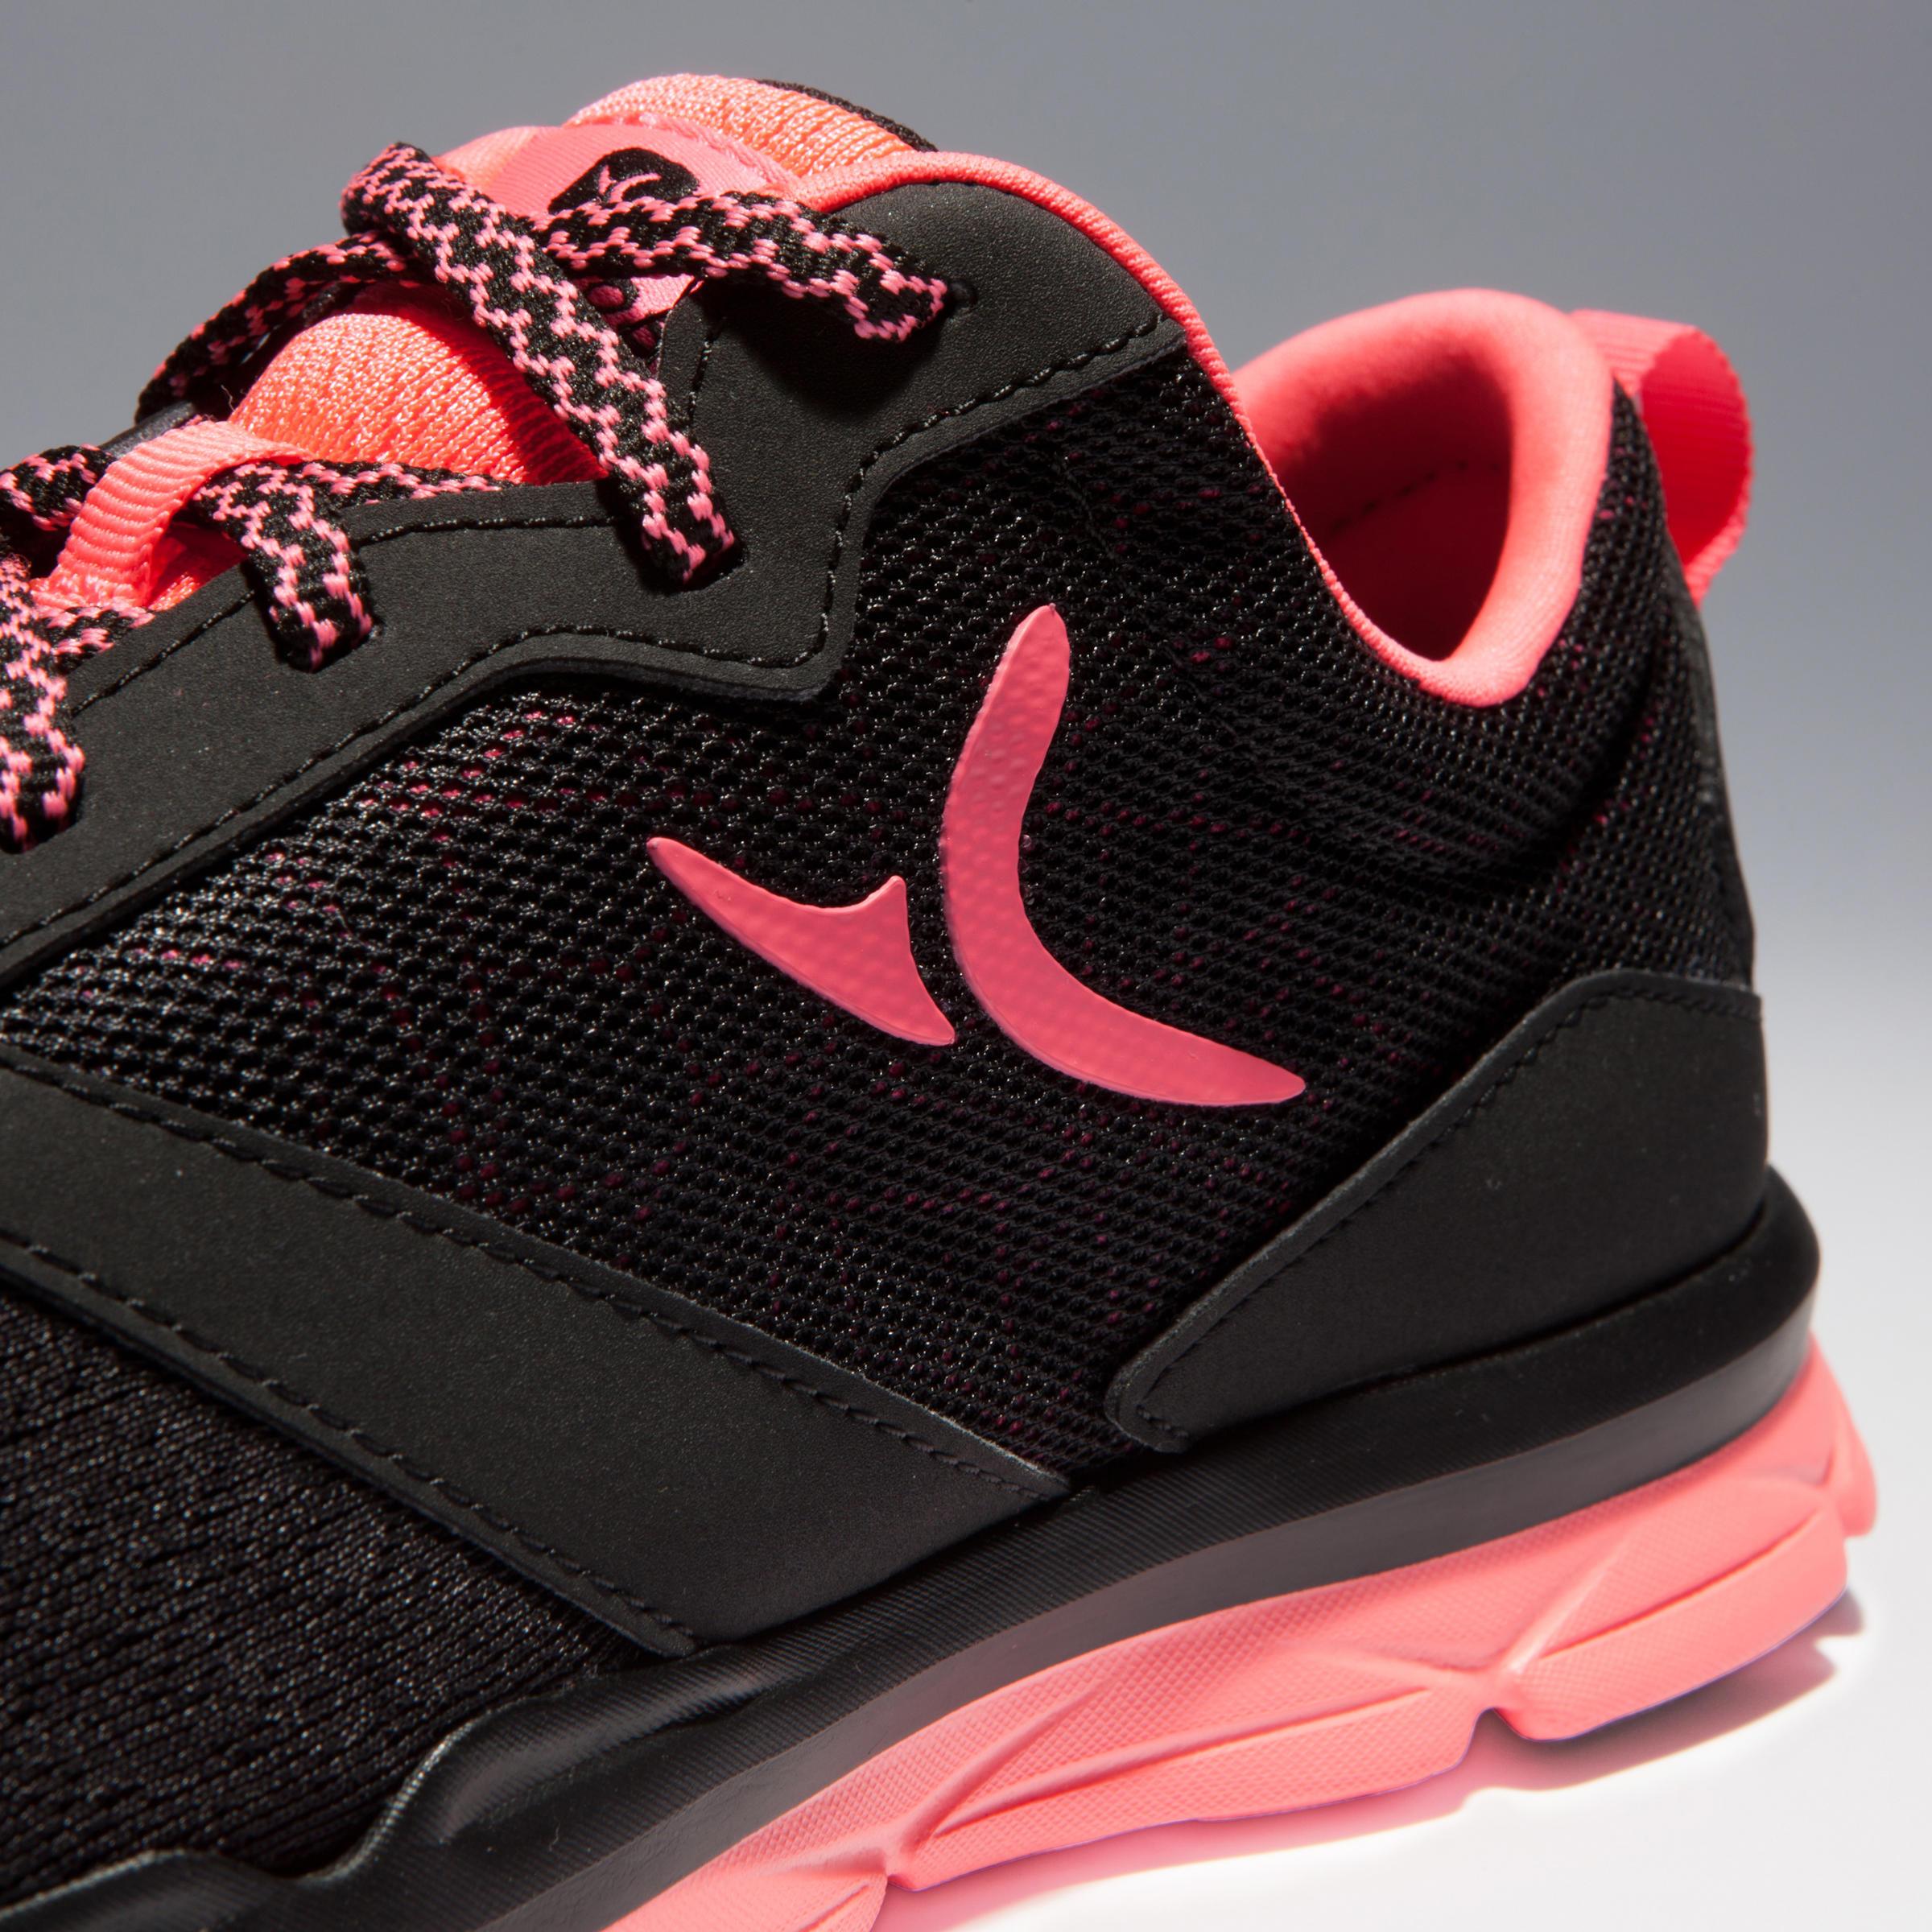 Chaussures d'entraînement cardio 500 femme noir et rose